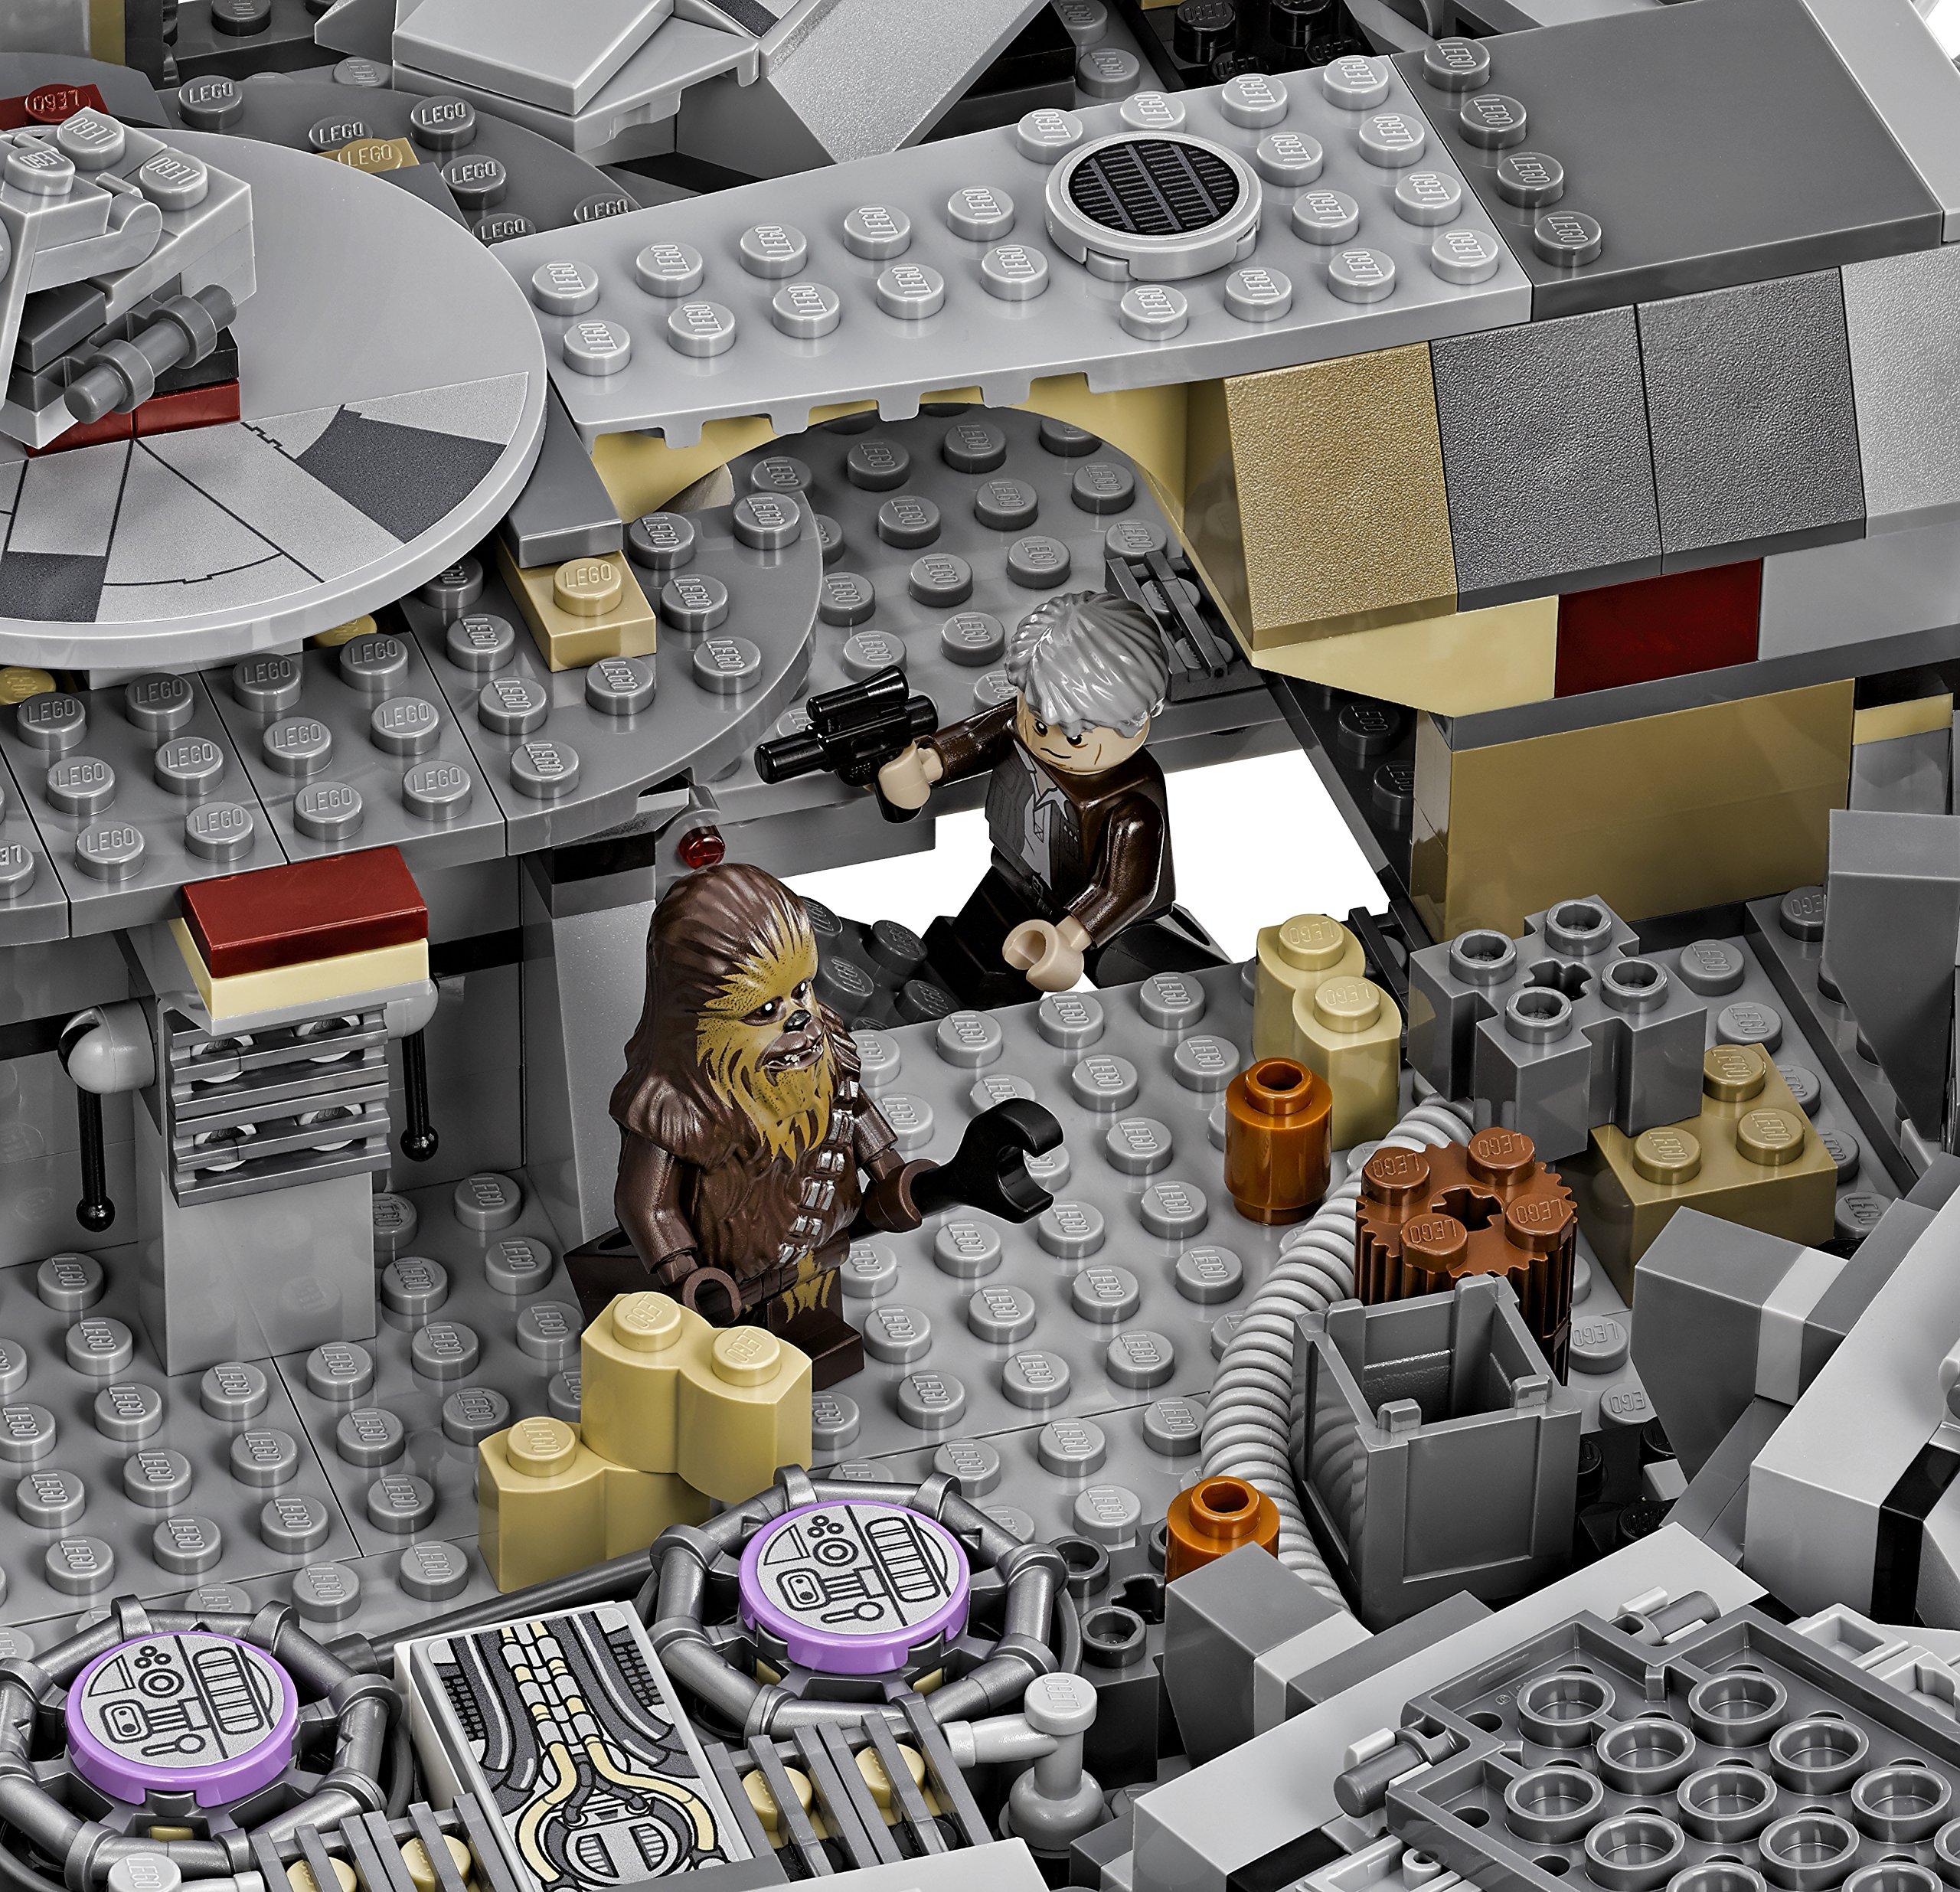 LEGO Star Wars Millennium Falcon 75105 Star Wars Toy by LEGO (Image #7)